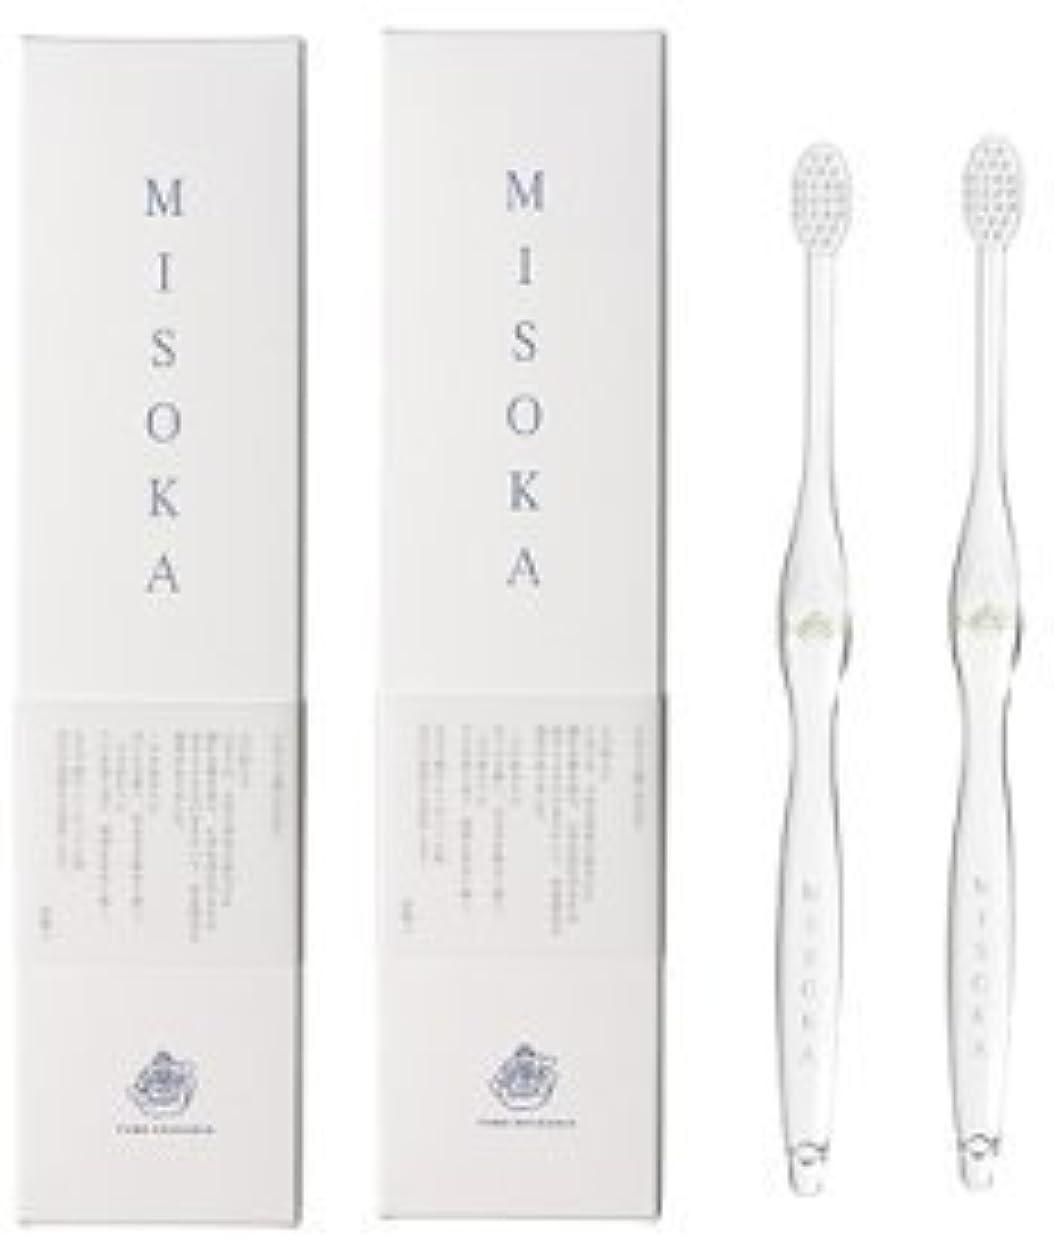 モルヒネ眉をひそめる独占MISOKA(ミソカ) 歯ブラシ 若草色 2本セット